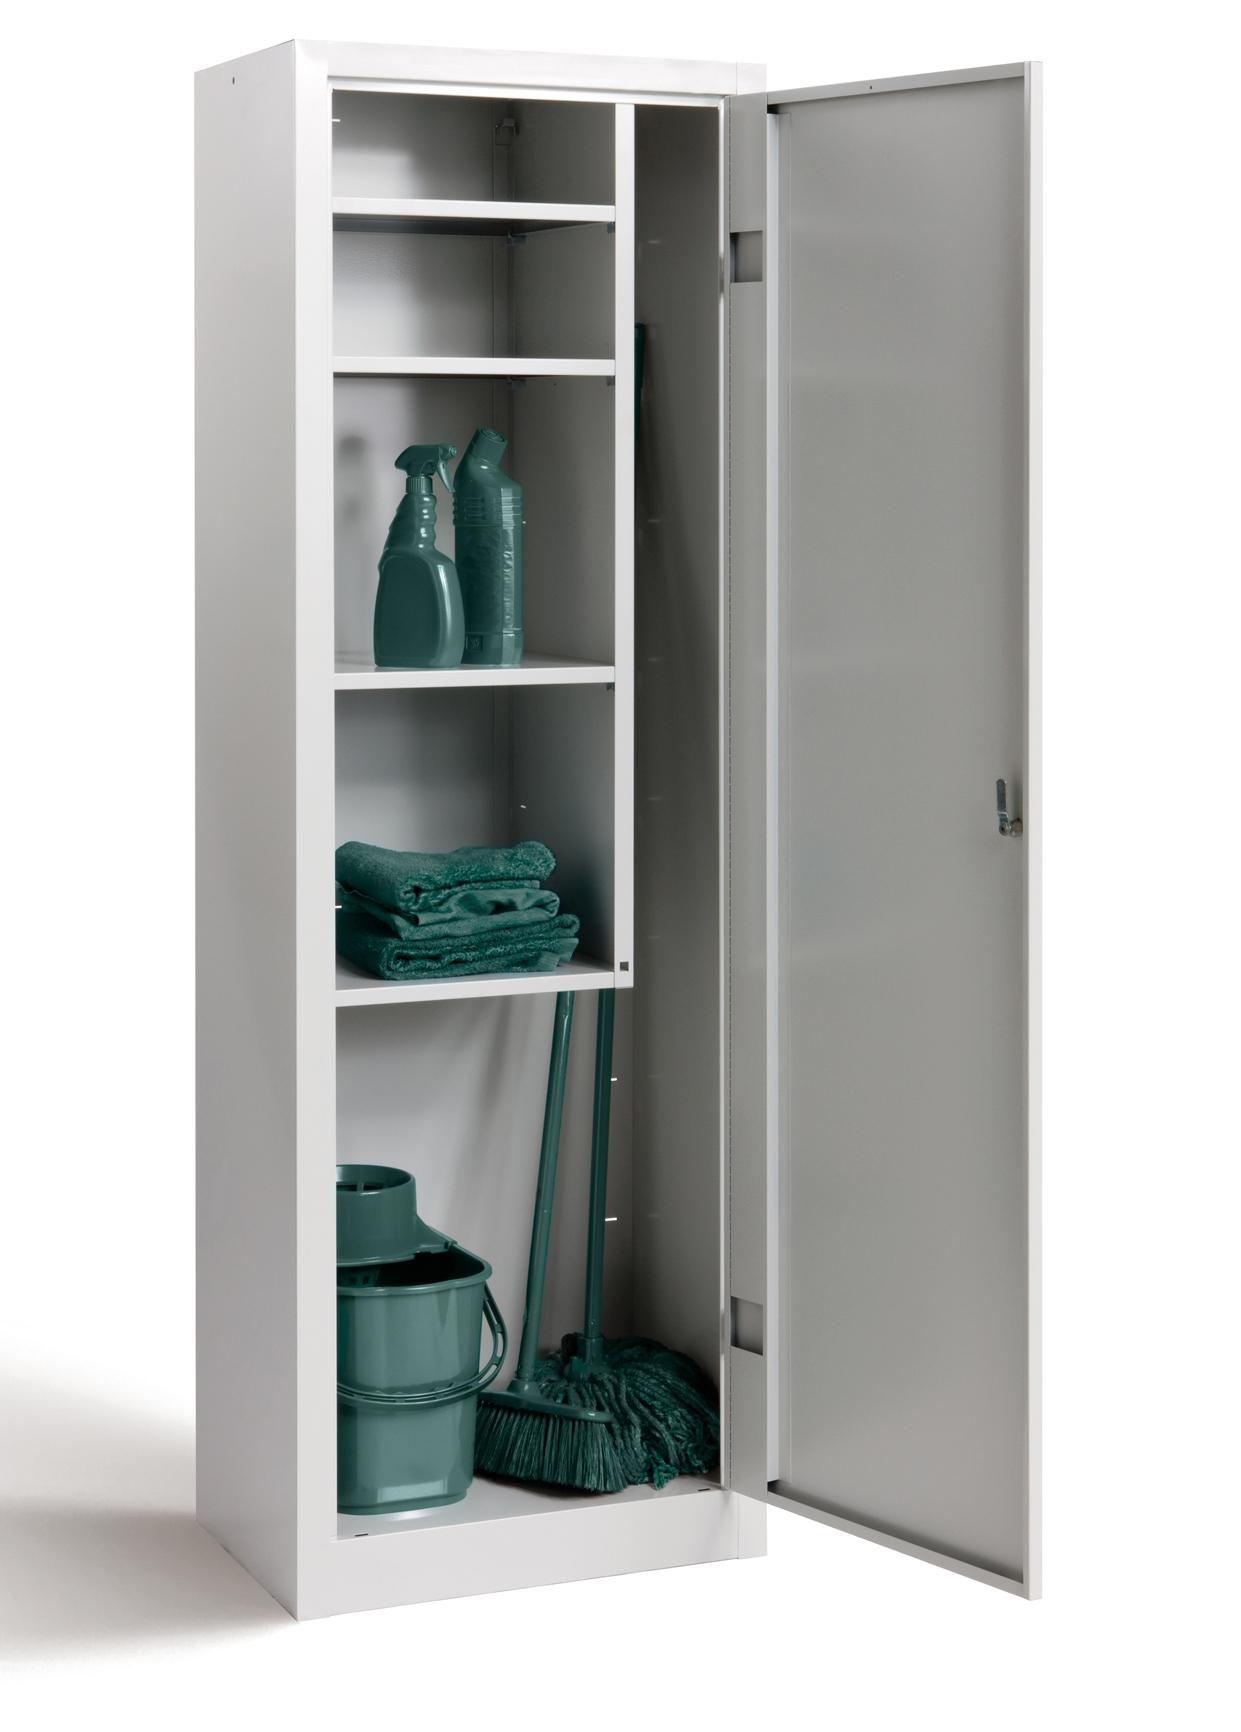 armoires d 39 entretien comparez les prix pour professionnels sur page 1. Black Bedroom Furniture Sets. Home Design Ideas